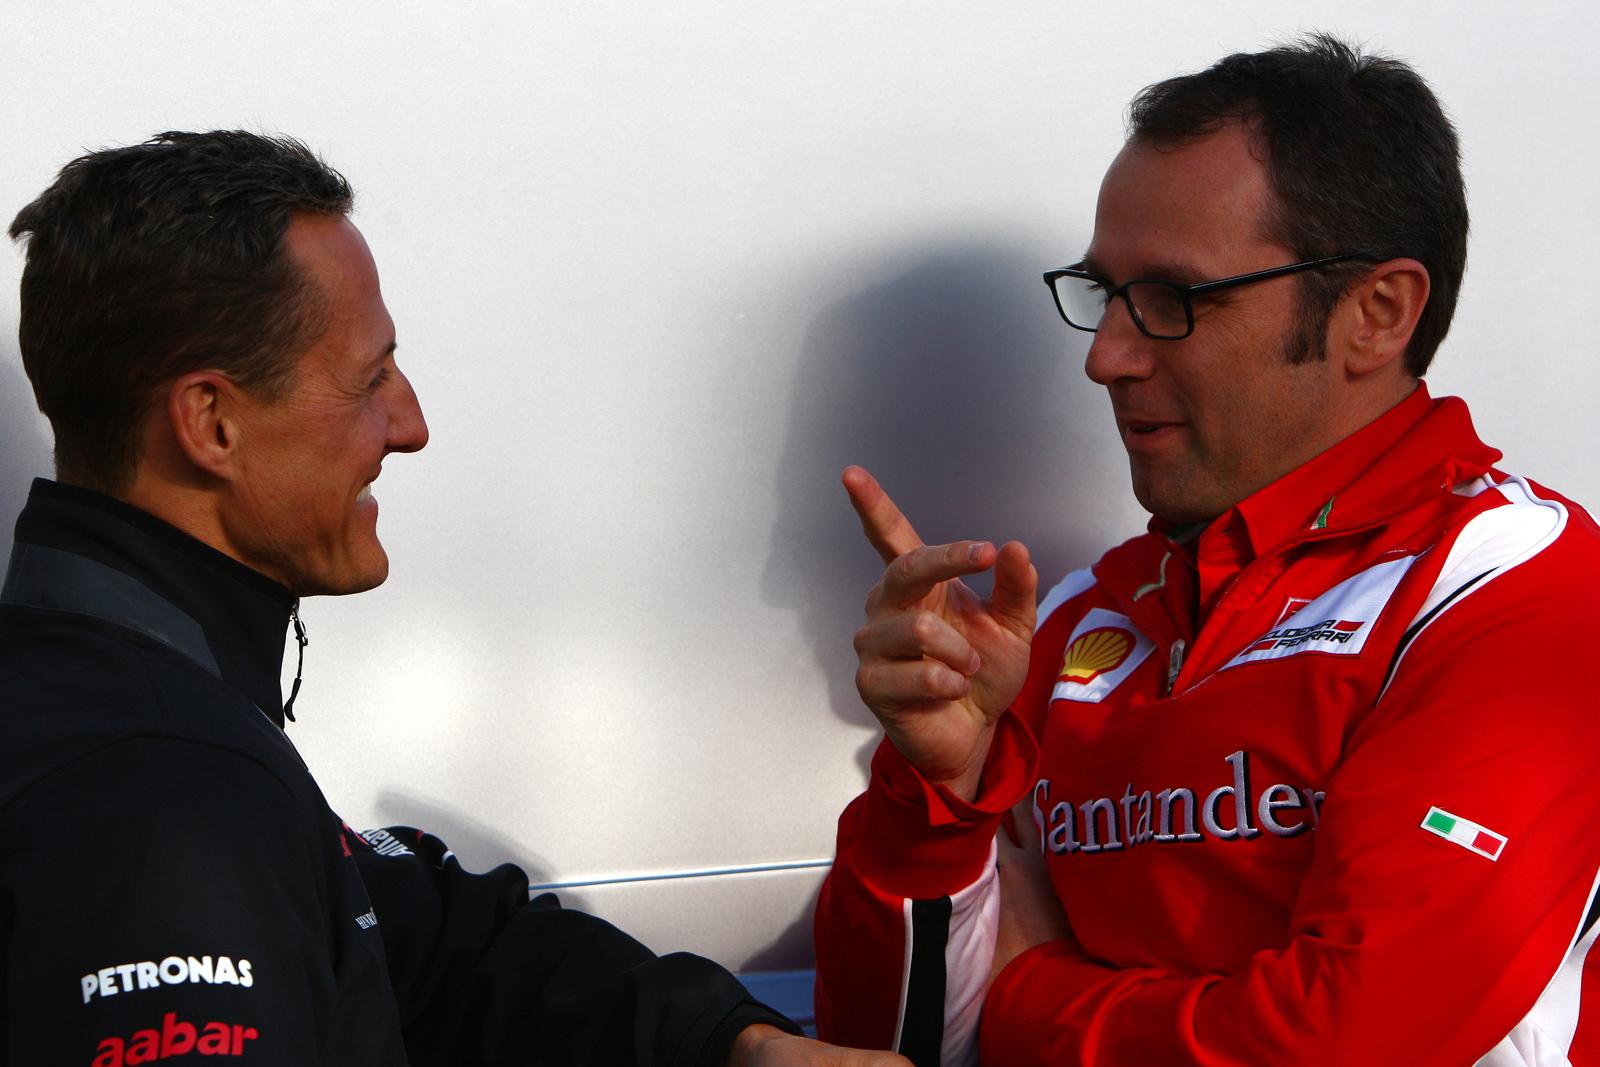 Лео Турини о том, что не надо путать Ferrari и Феррари